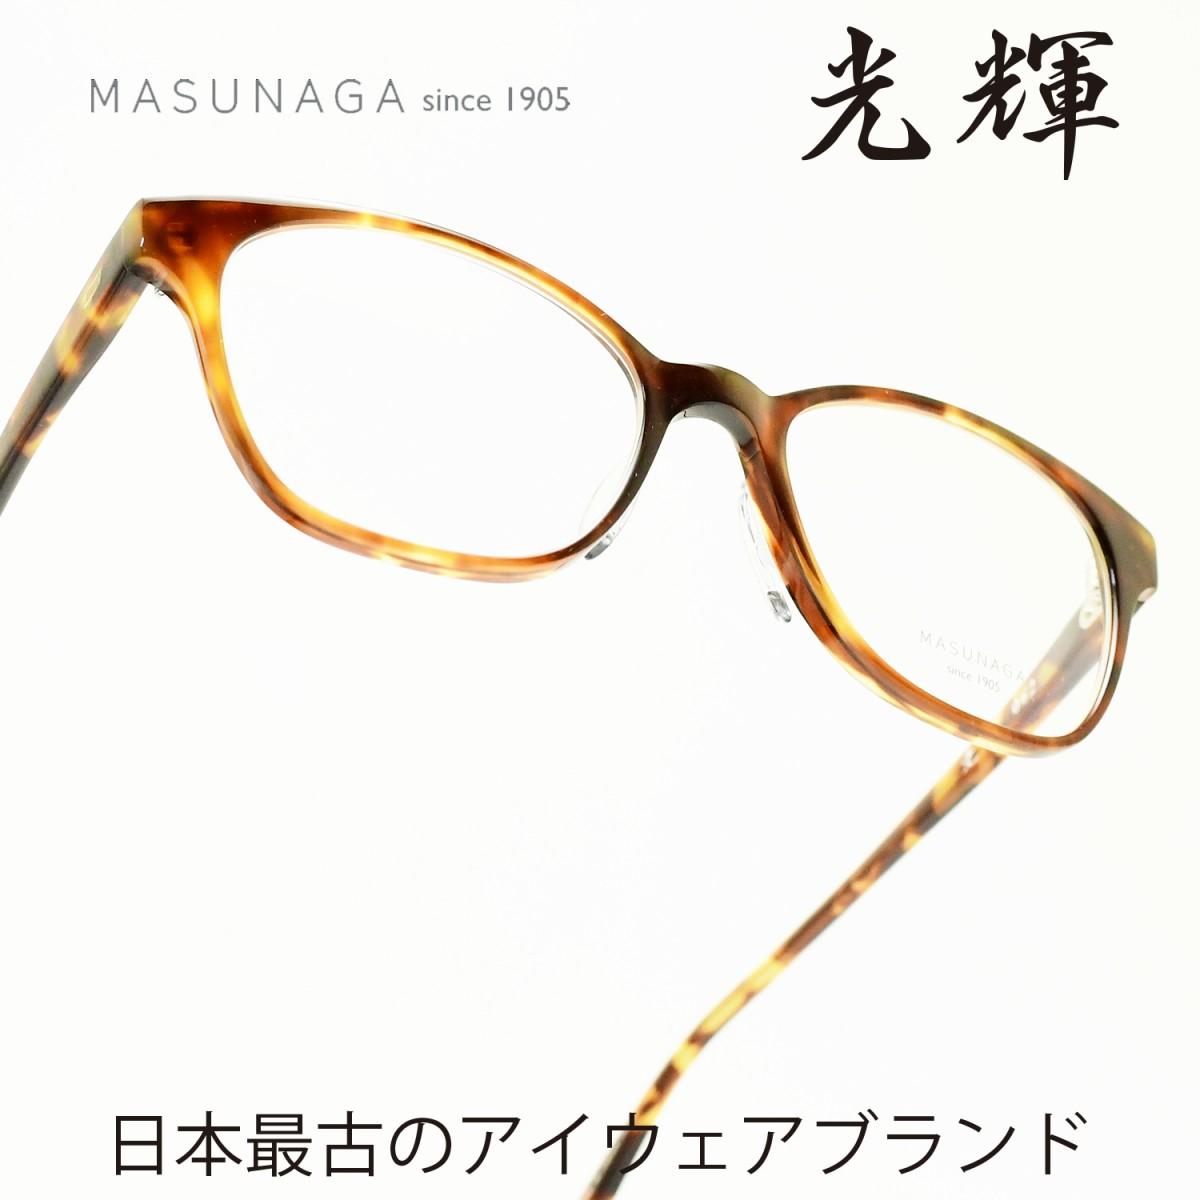 増永眼鏡 MASUNAGA光輝 062 col-23 DEMIメガネ 眼鏡 めがね メンズ レディース おしゃれブランド 人気 おすすめ フレーム 流行り 度付き レンズ